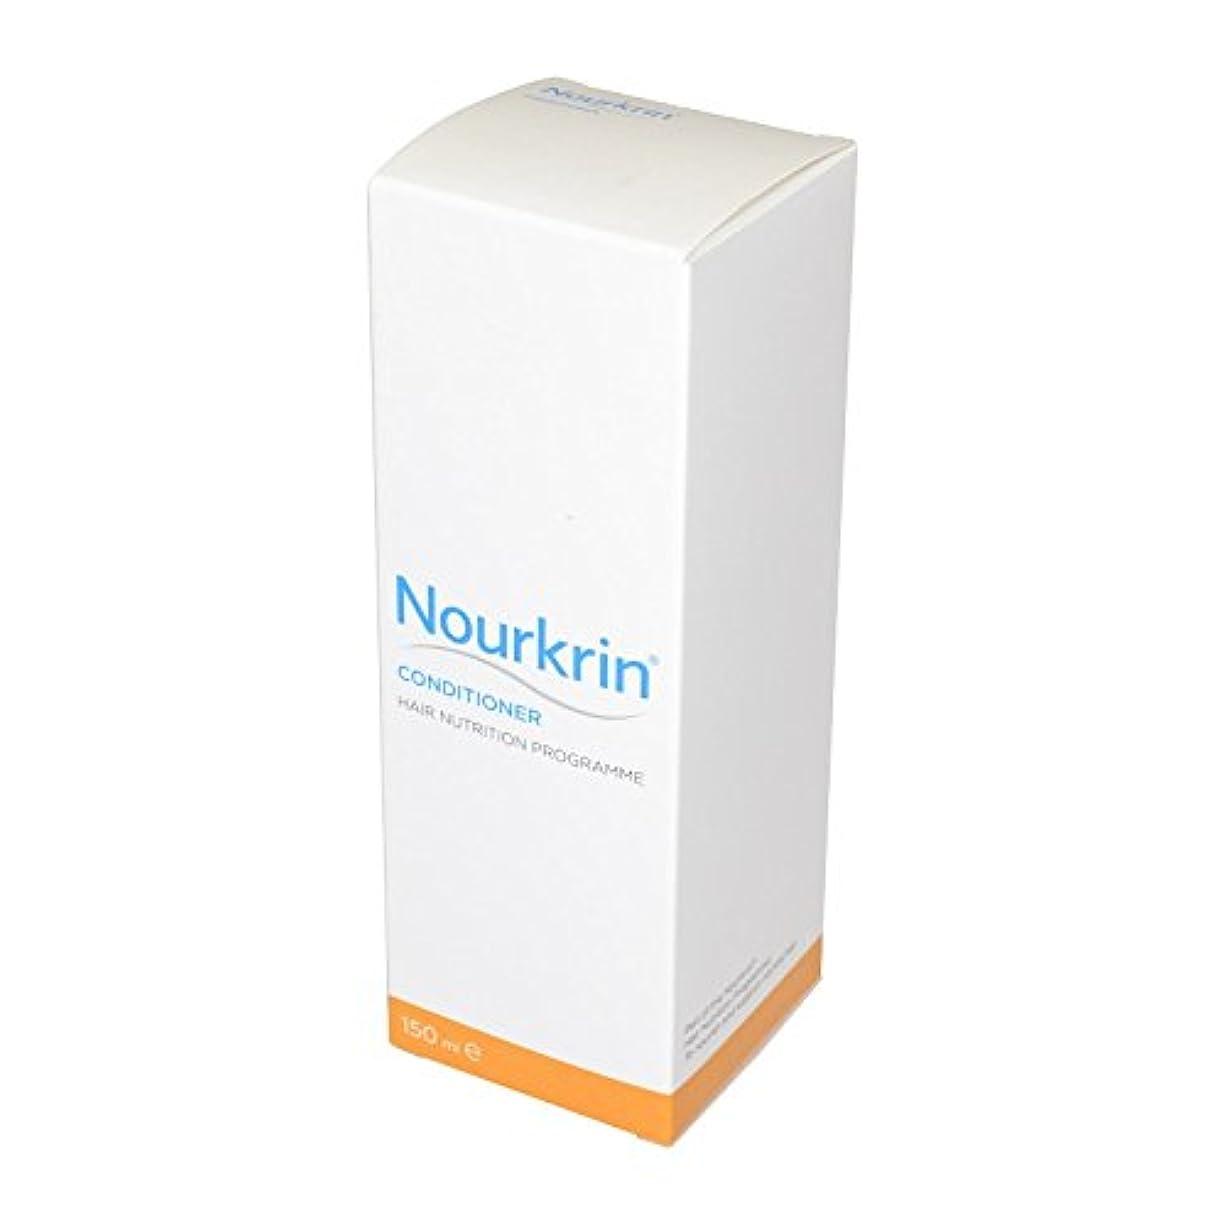 簡単な嵐が丘ドアミラーNourkrinコンディショナー - Nourkrin Conditioner (Nourkrin) [並行輸入品]